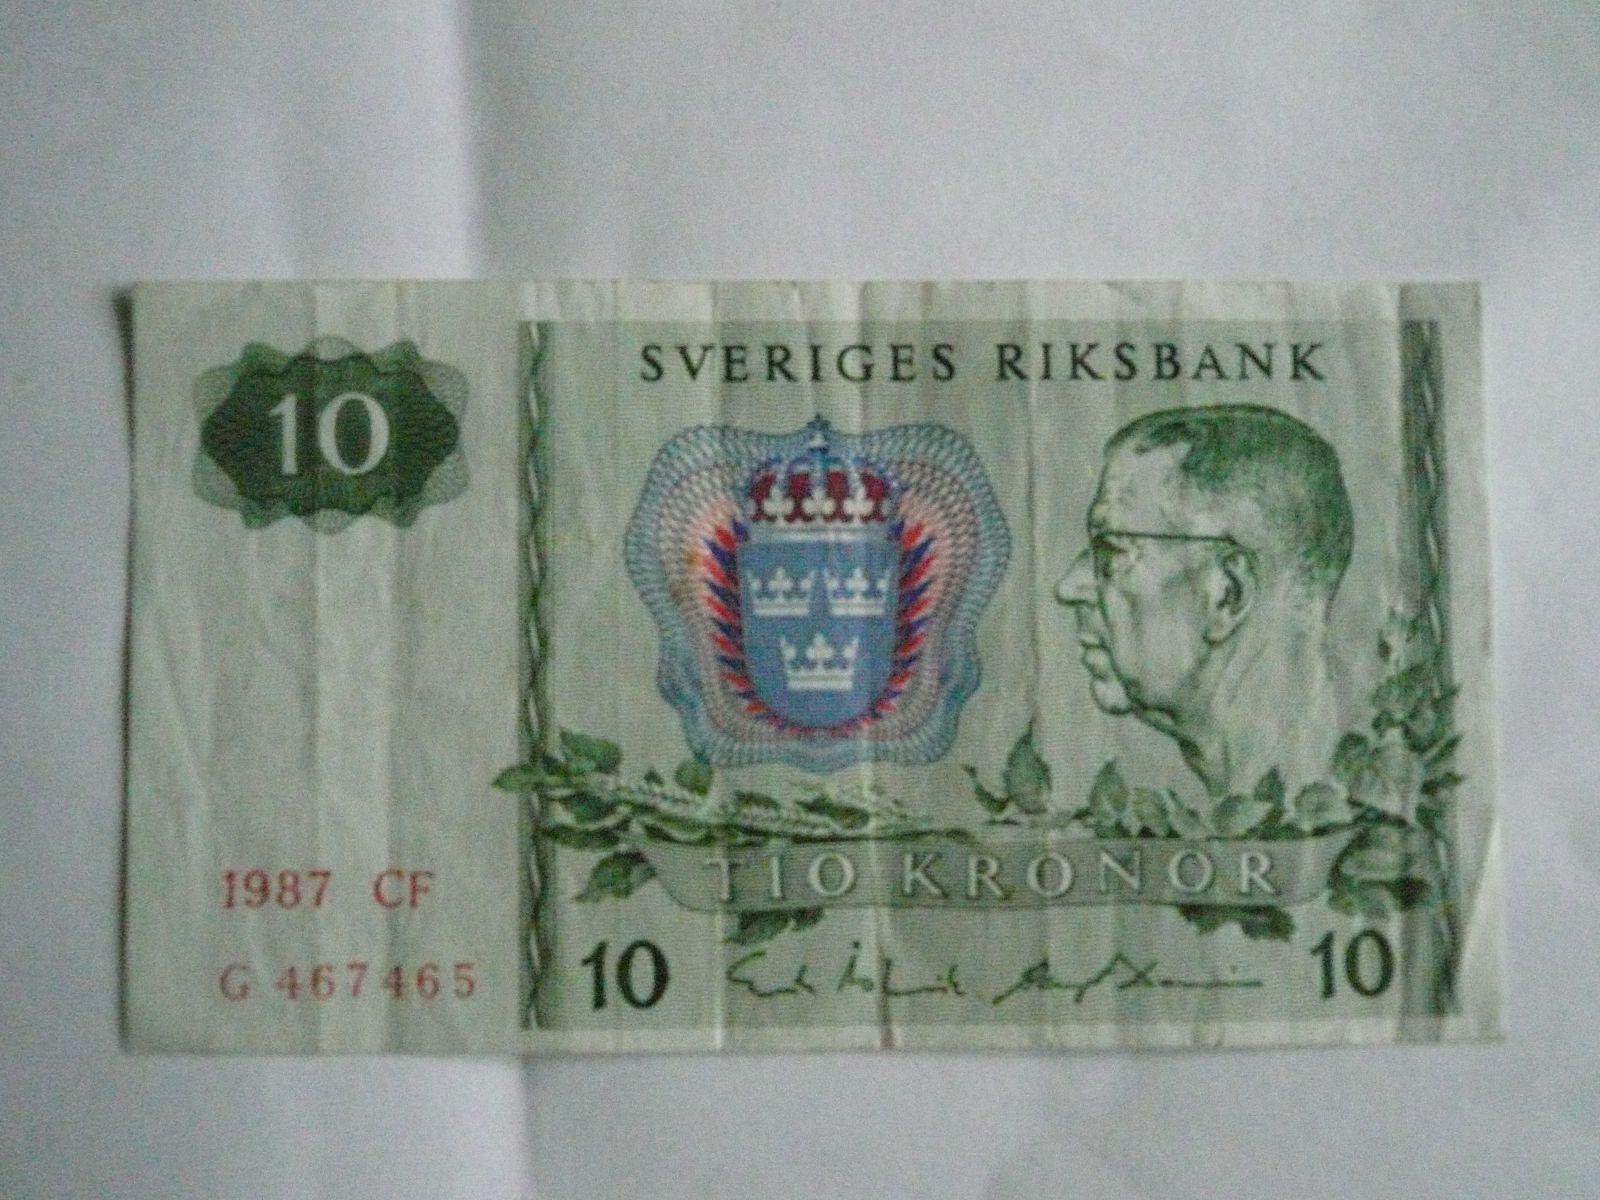 10 Krone, Švédsko, 1987